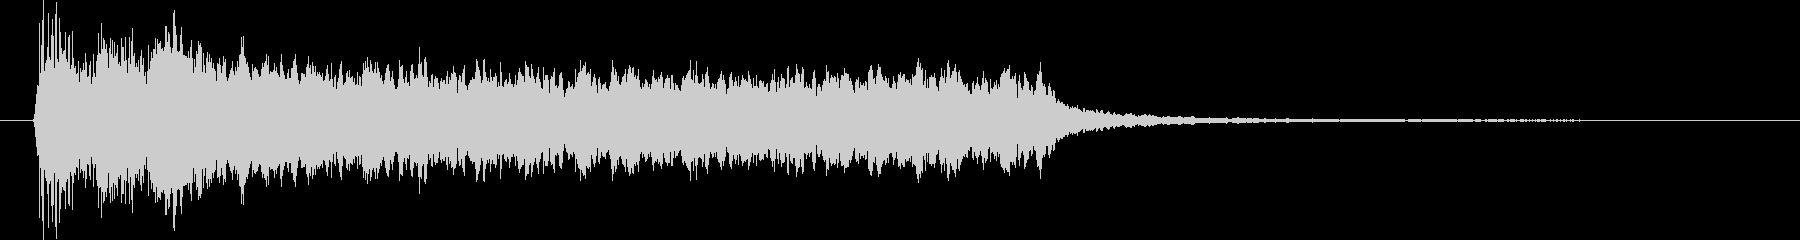 突発的なピアノシンセの未再生の波形